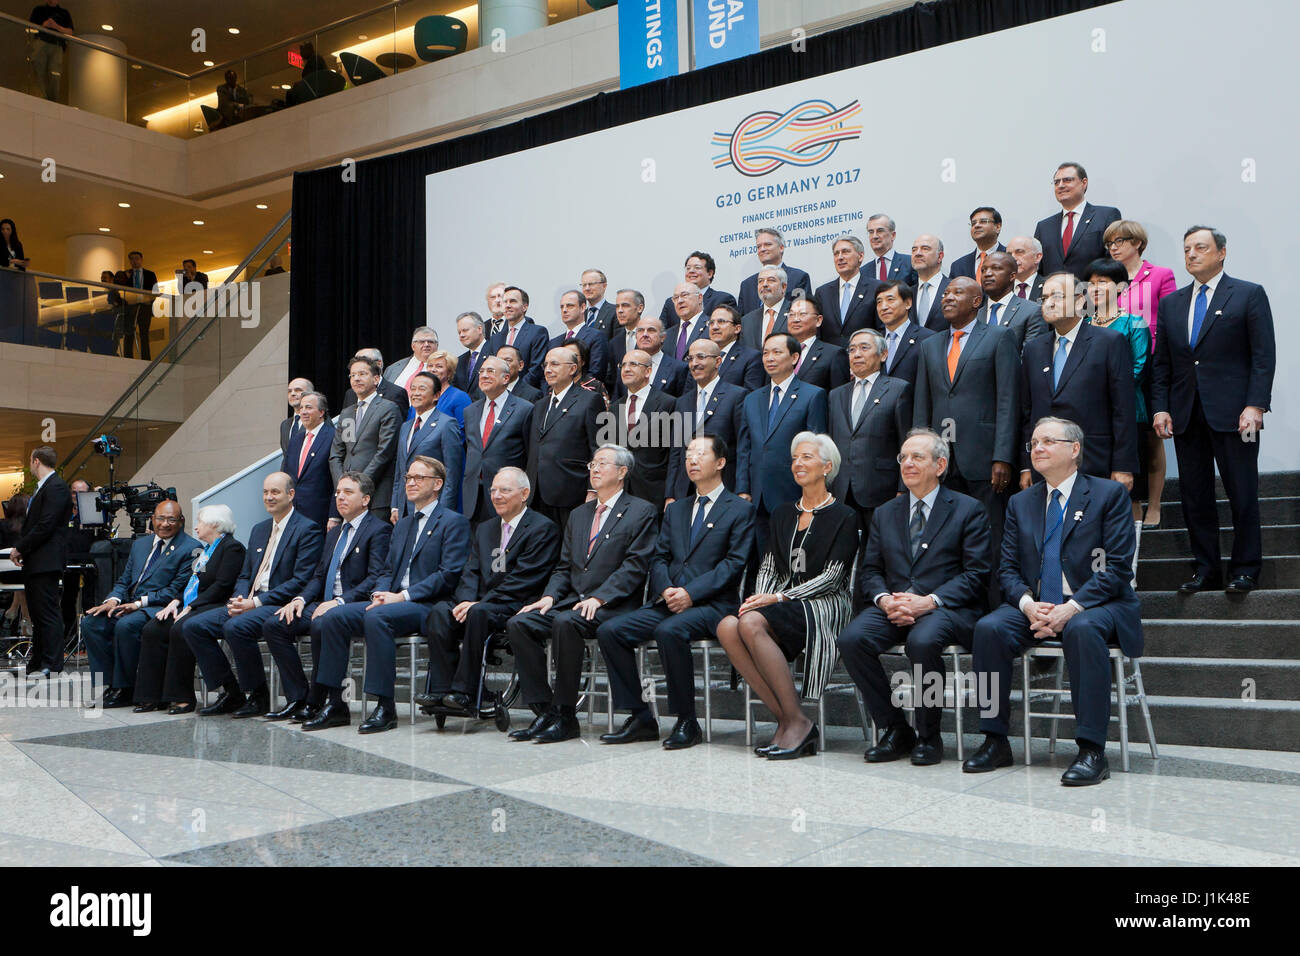 Washington, USA, 21. April 2017: G20-Finanzminister und-Notenbankgouverneure posieren für ein Foto nach dem Treffen Stockfoto